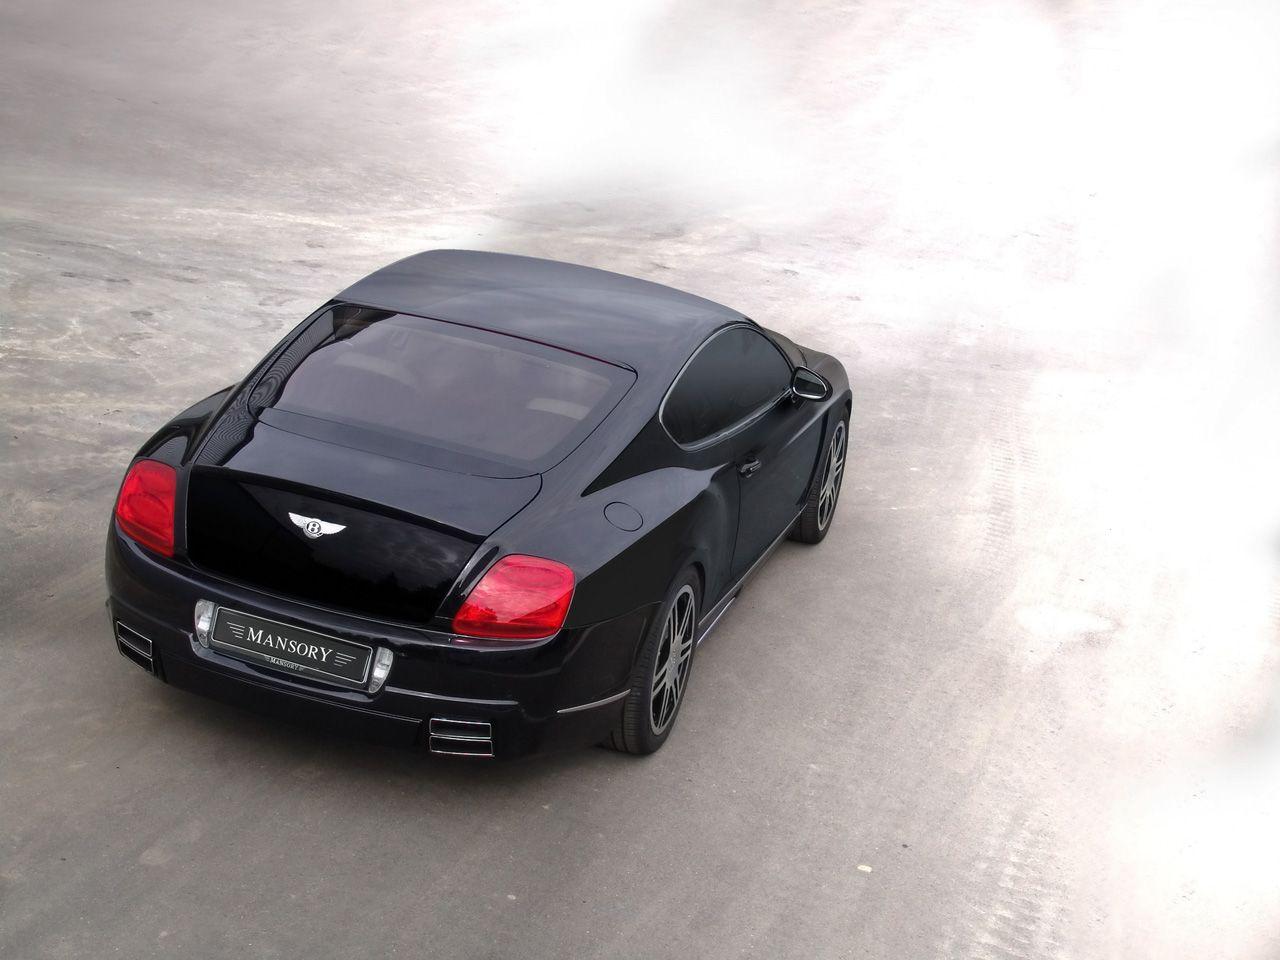 Bentley continental gt wallpapers hd ololoshenka pinterest r72 bentley continental gt wallpapers hd ololoshenka pinterest vanachro Image collections